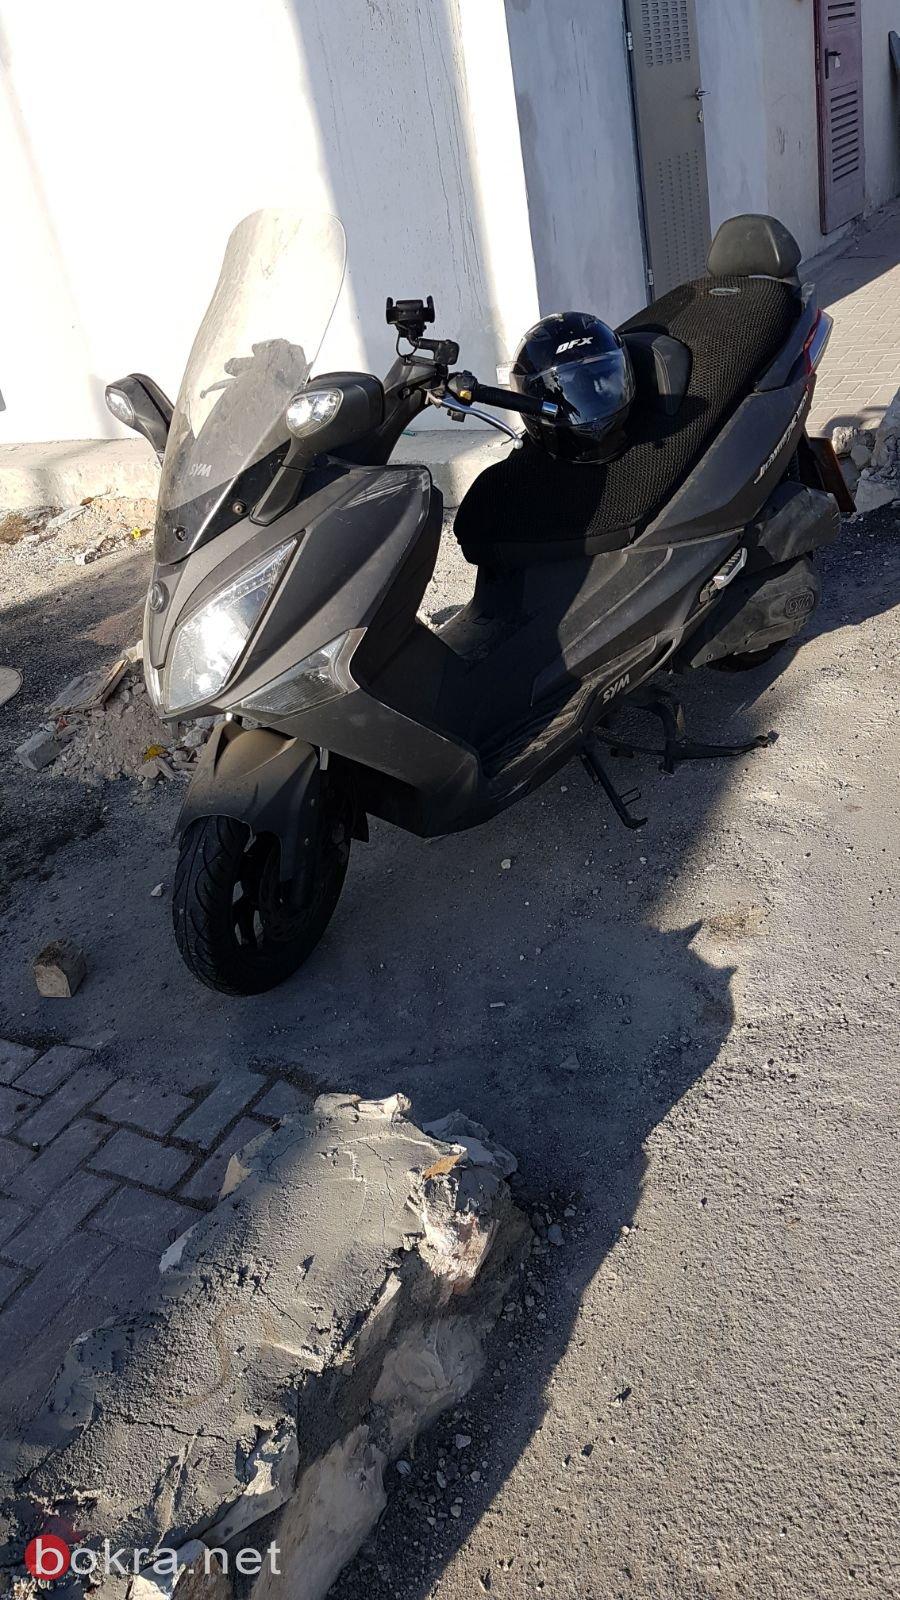 الشرطة: اعتقال فلسطيني بشبهة سرقة دراجة نارية